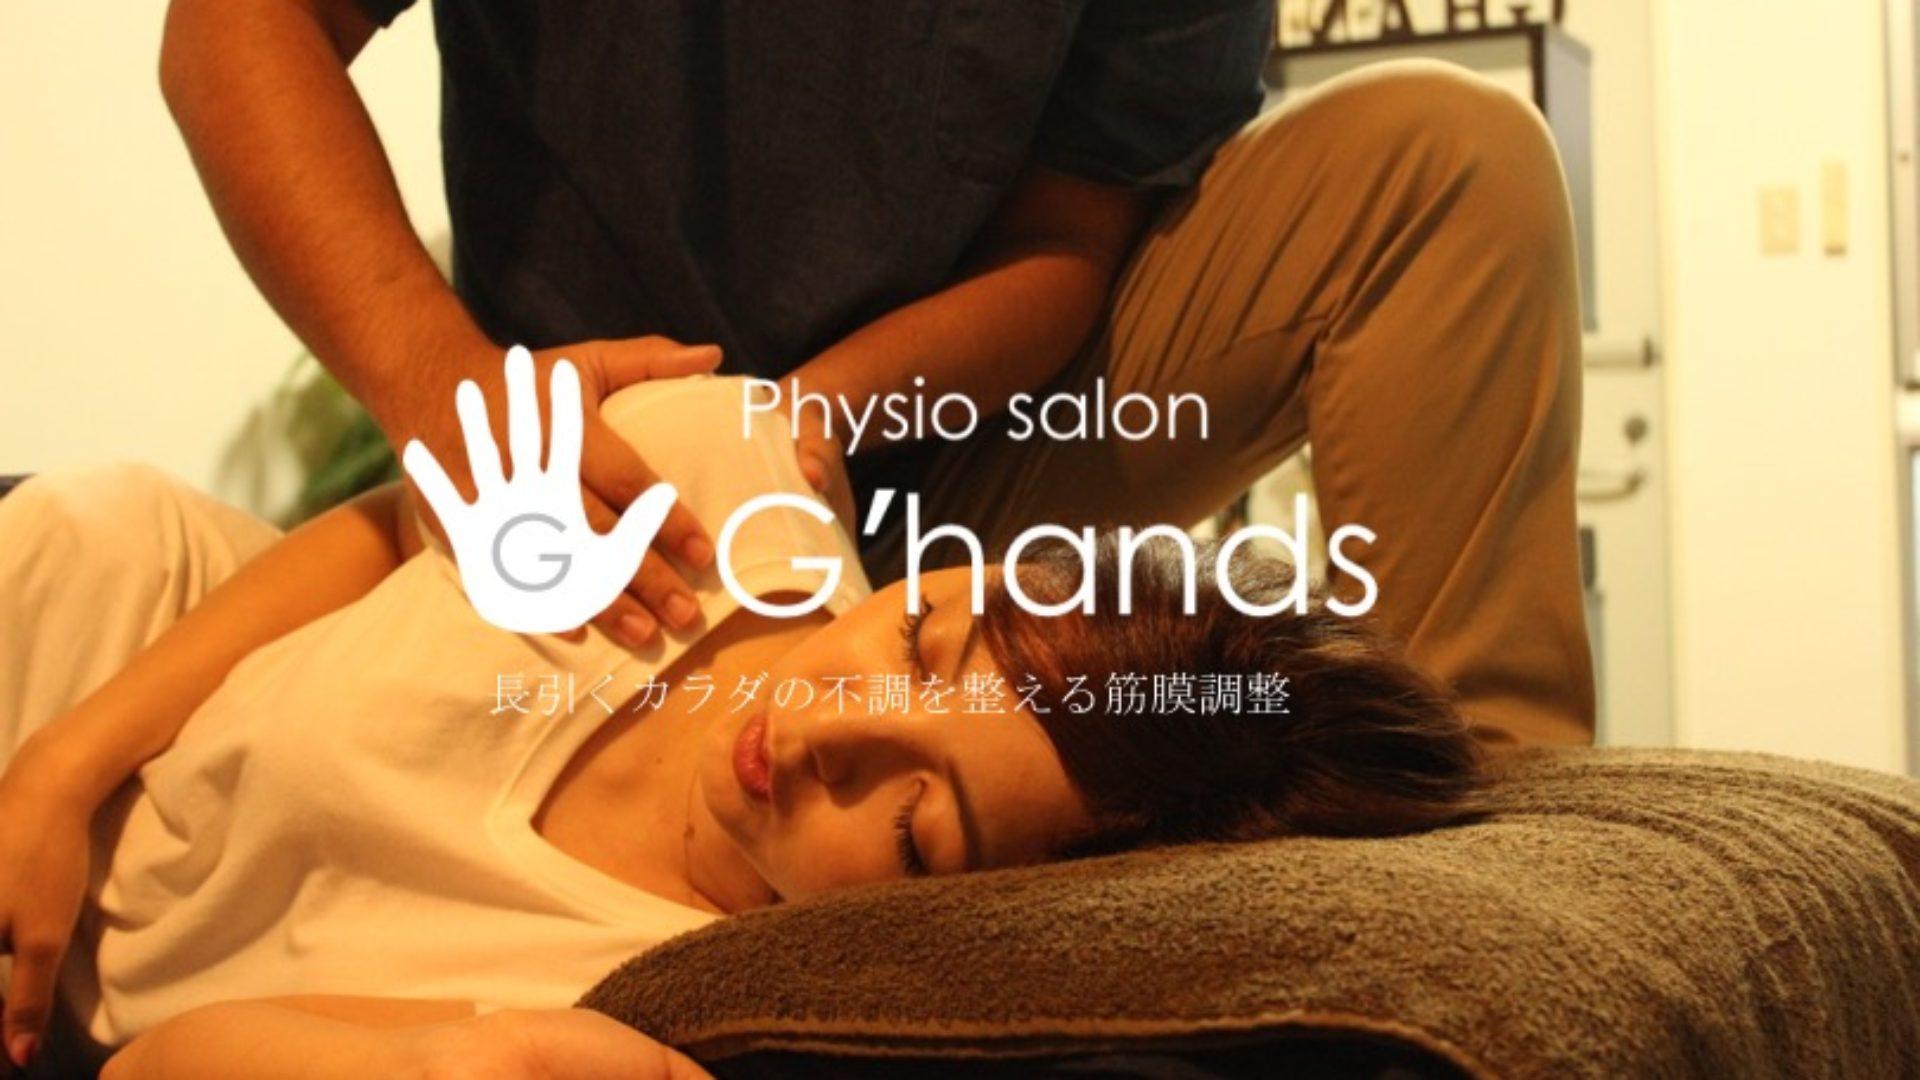 沖縄唯一の筋膜調整専門  G'hands 腰痛|肩こり|頭痛|那覇市|フィジオサロン ジーハンズ